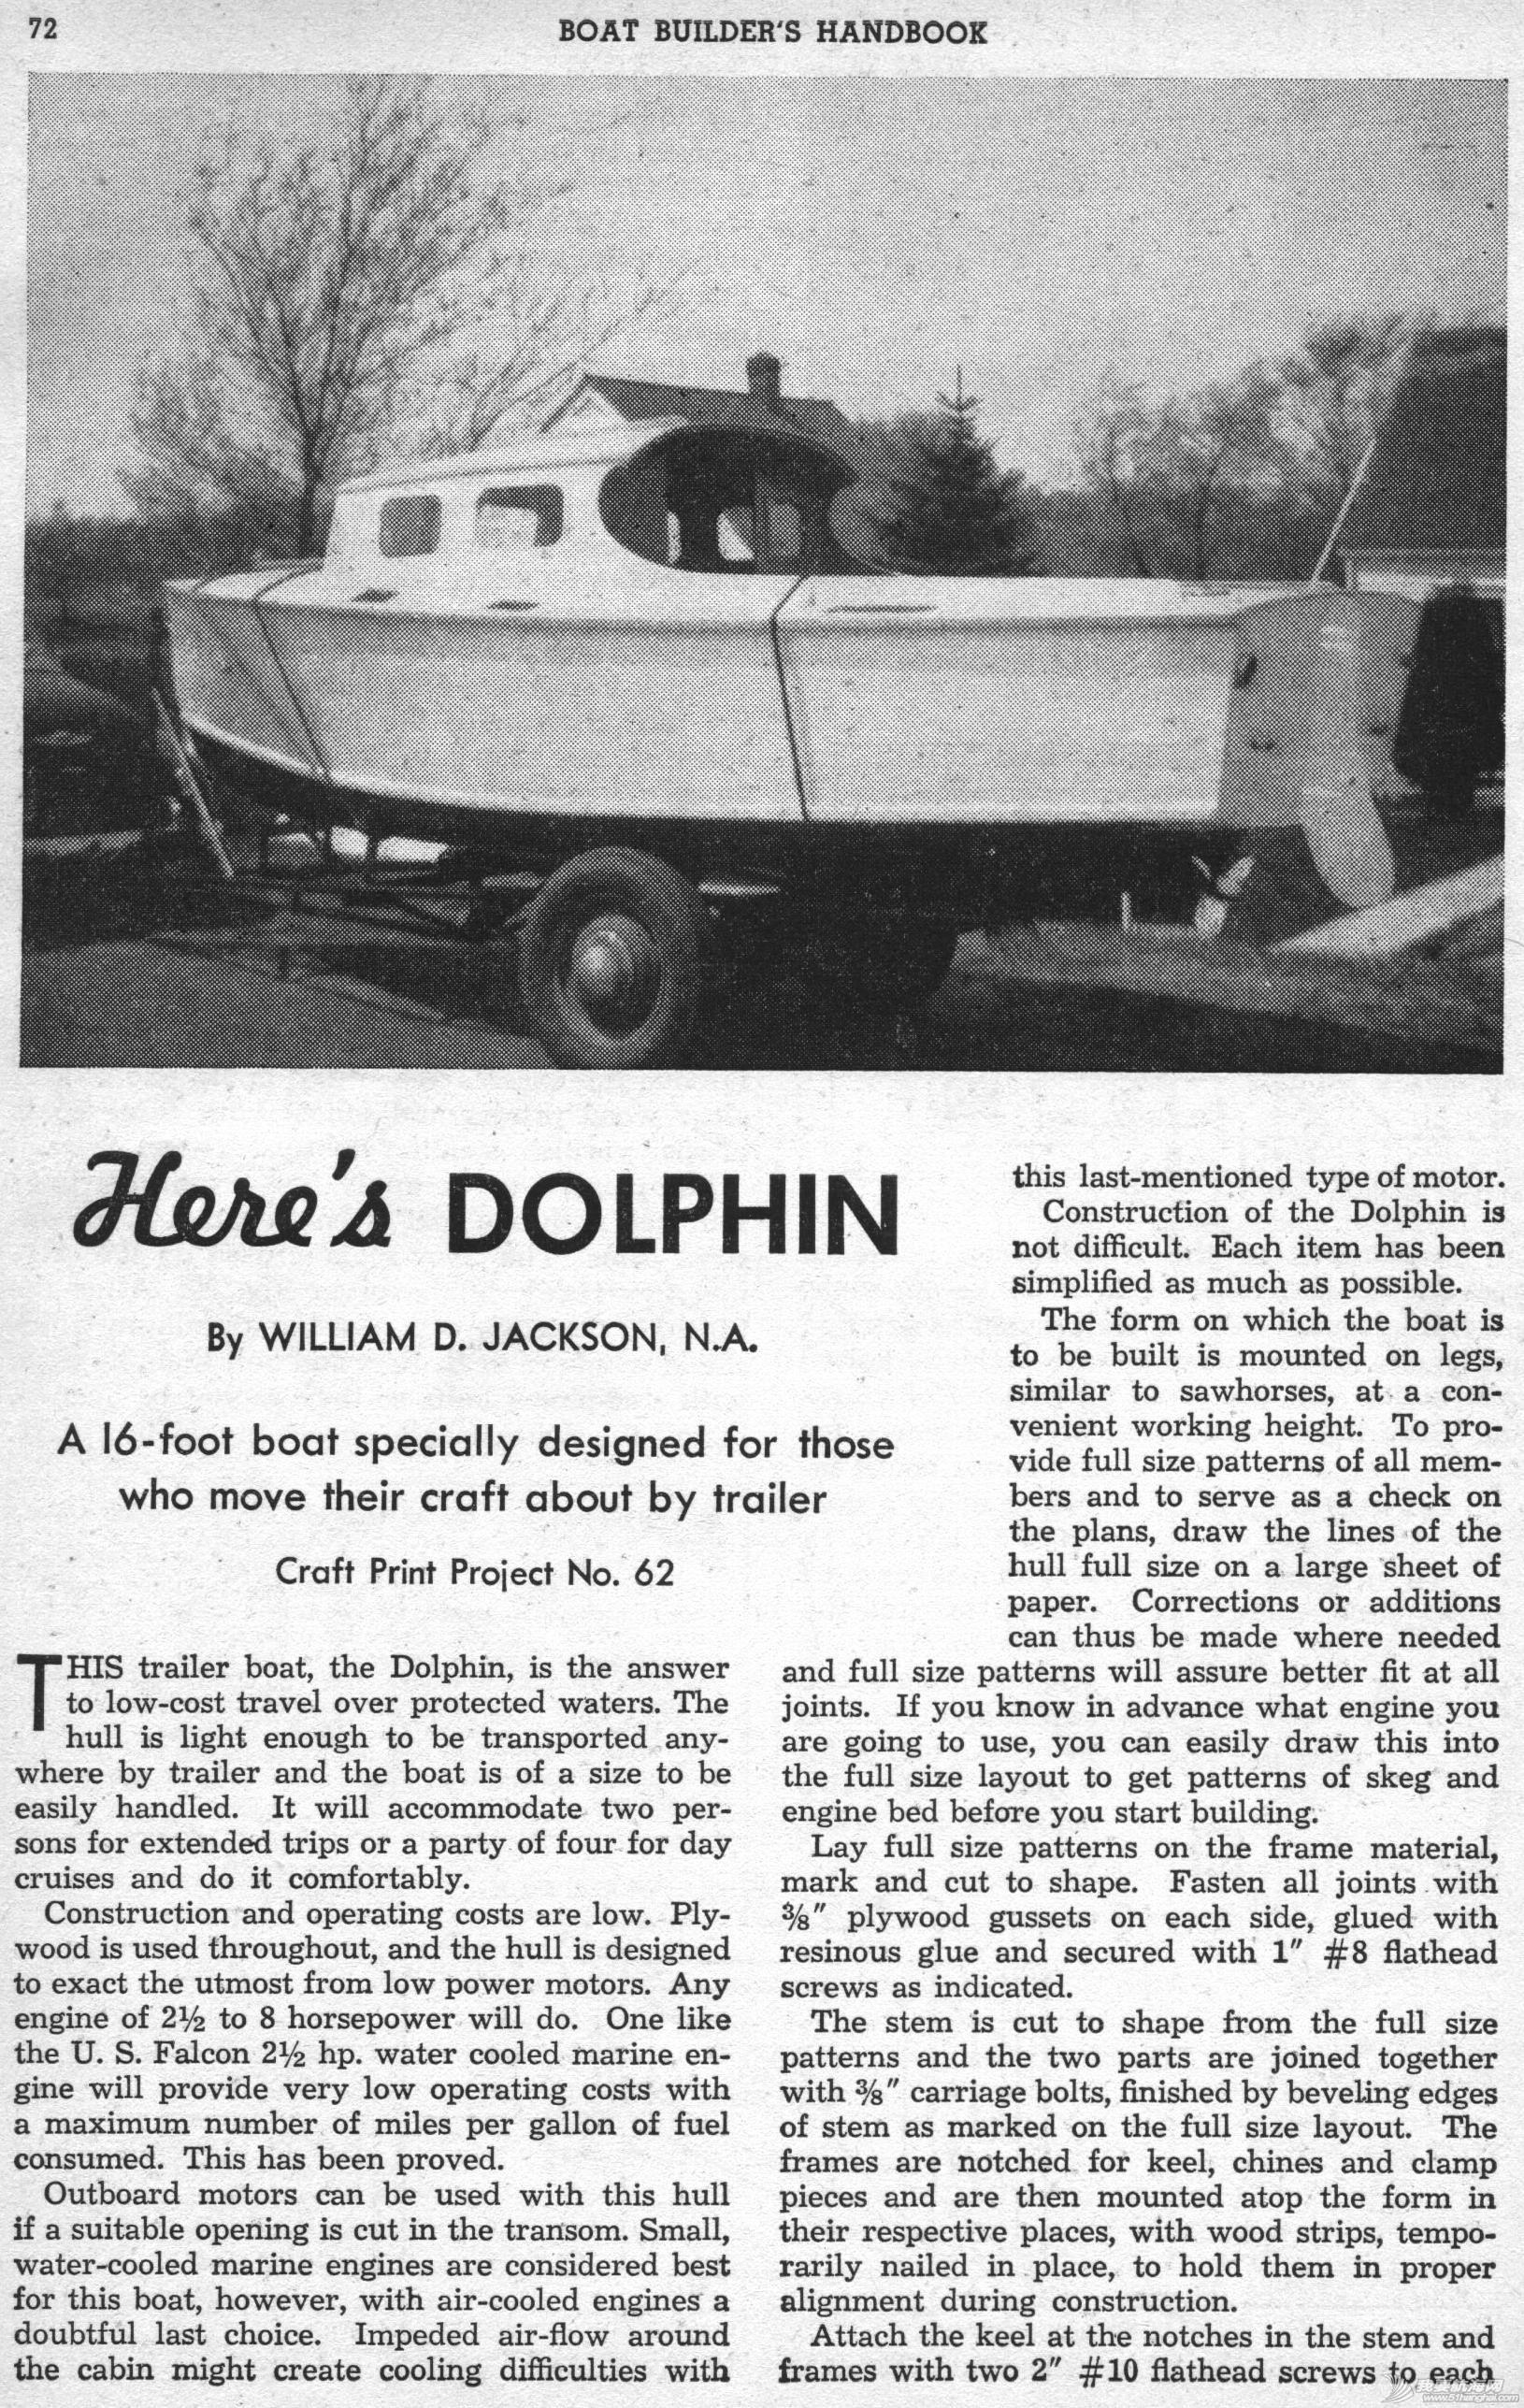 巡逻艇 警察巡逻艇的设计方案 Dolphin1.jpg